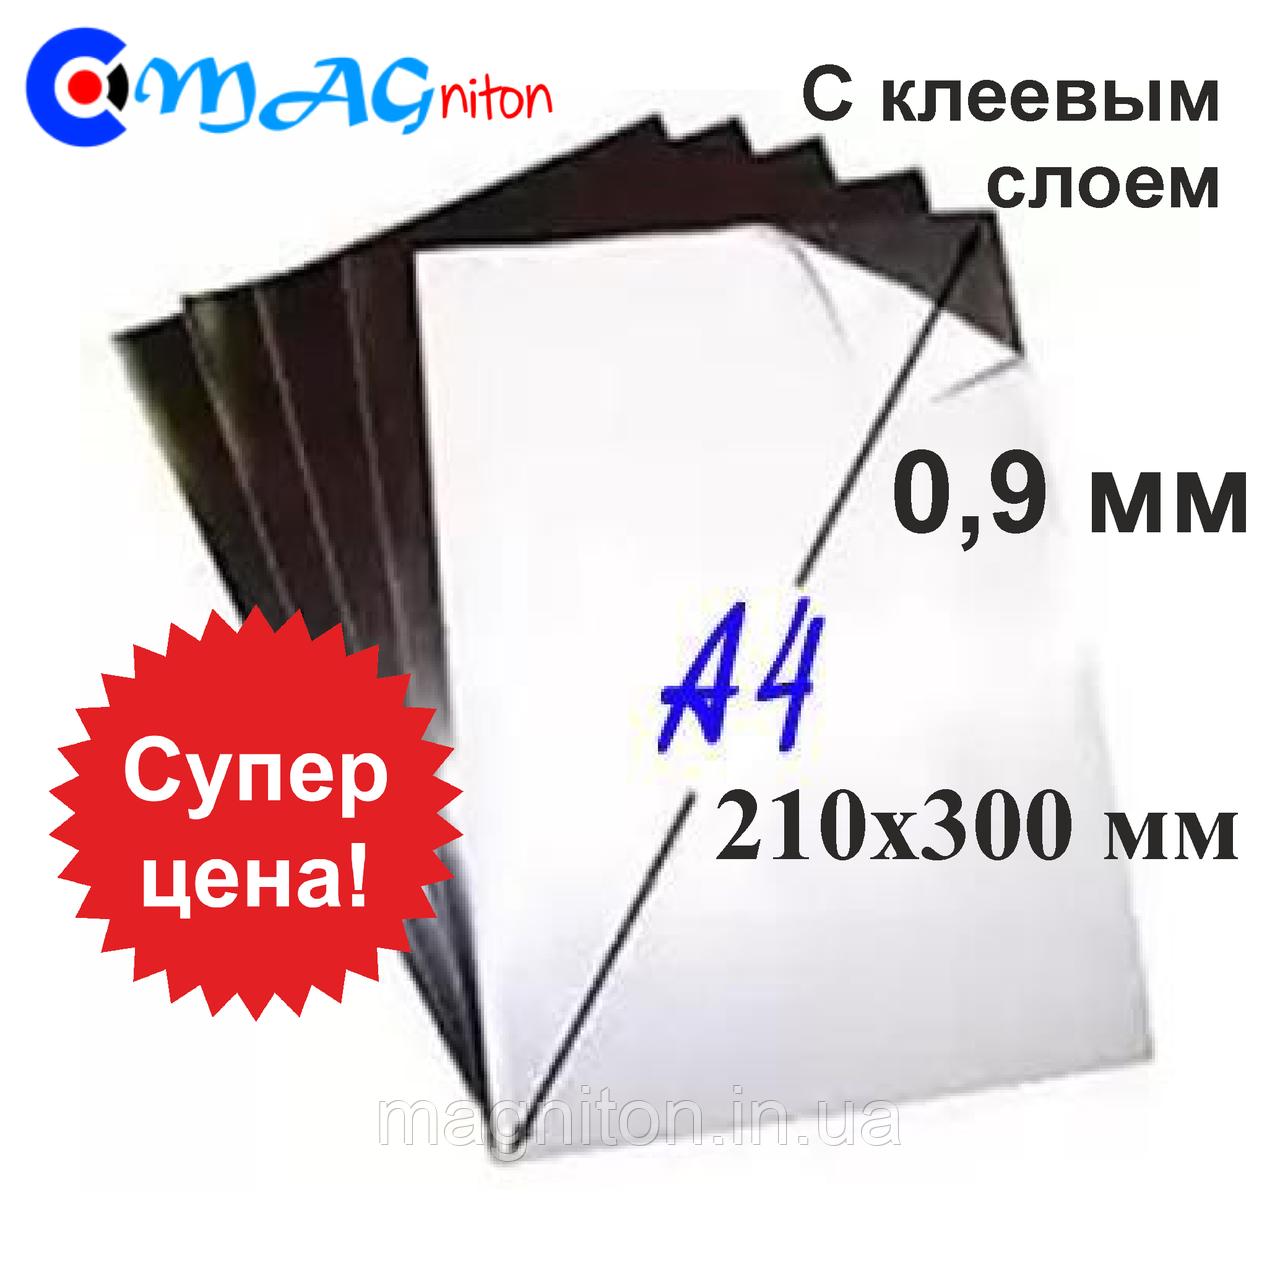 Магнитный винил с клеем 0,9 мм. Лист А4